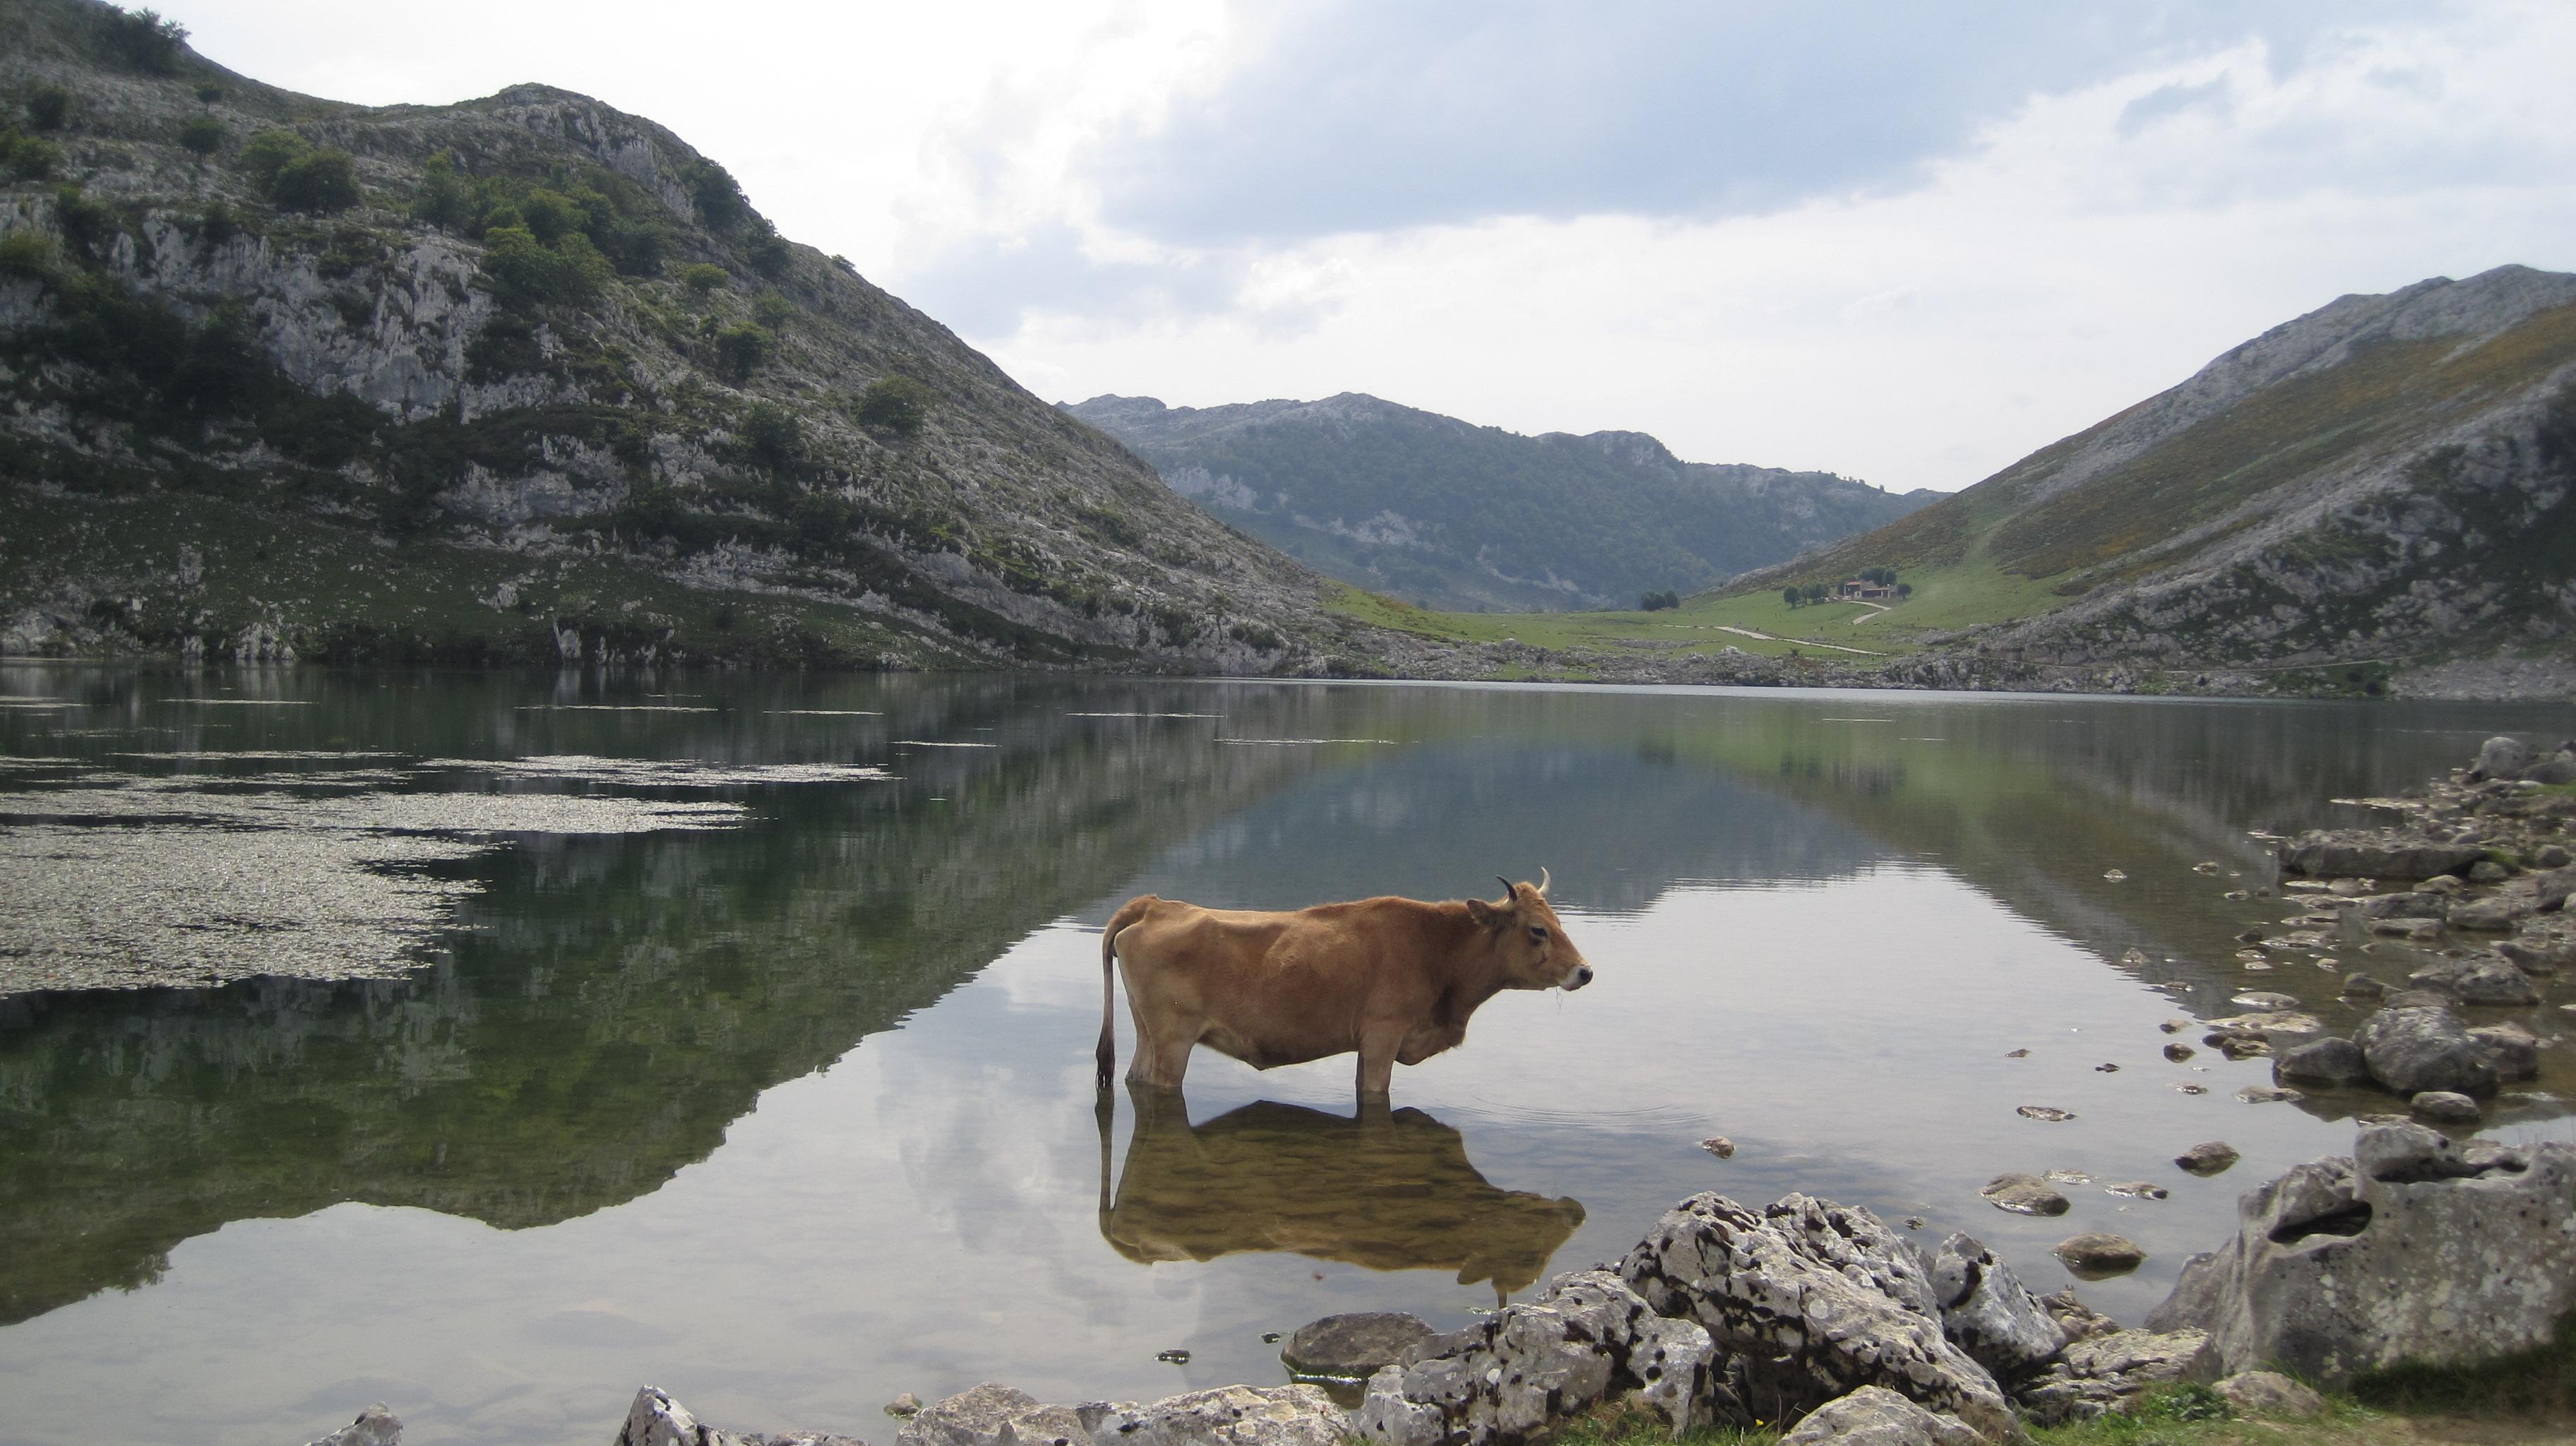 Lago Enol (Asturias, España), pequeño lago de montaña localizado en los Picos de Europa. Próximo al lago de la Ercina, con el que forma el conjunto conocido como Lagos de Covadonga.